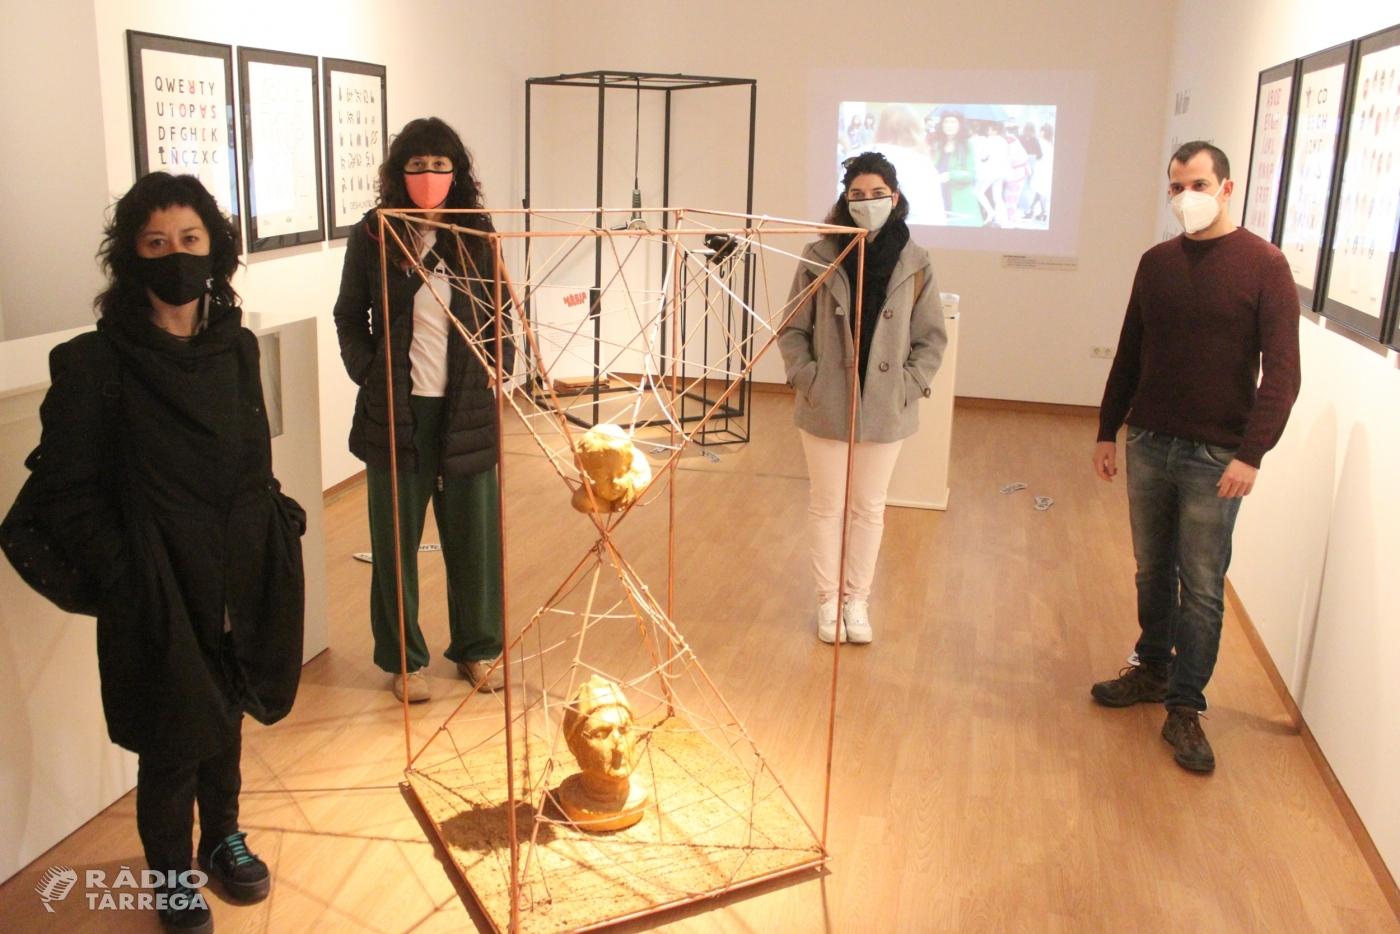 Alumnes de l'EASD Ondara de Tàrrega reten homenatge a Joan Brossa en una exposició col·lectiva a la Sala Marsà